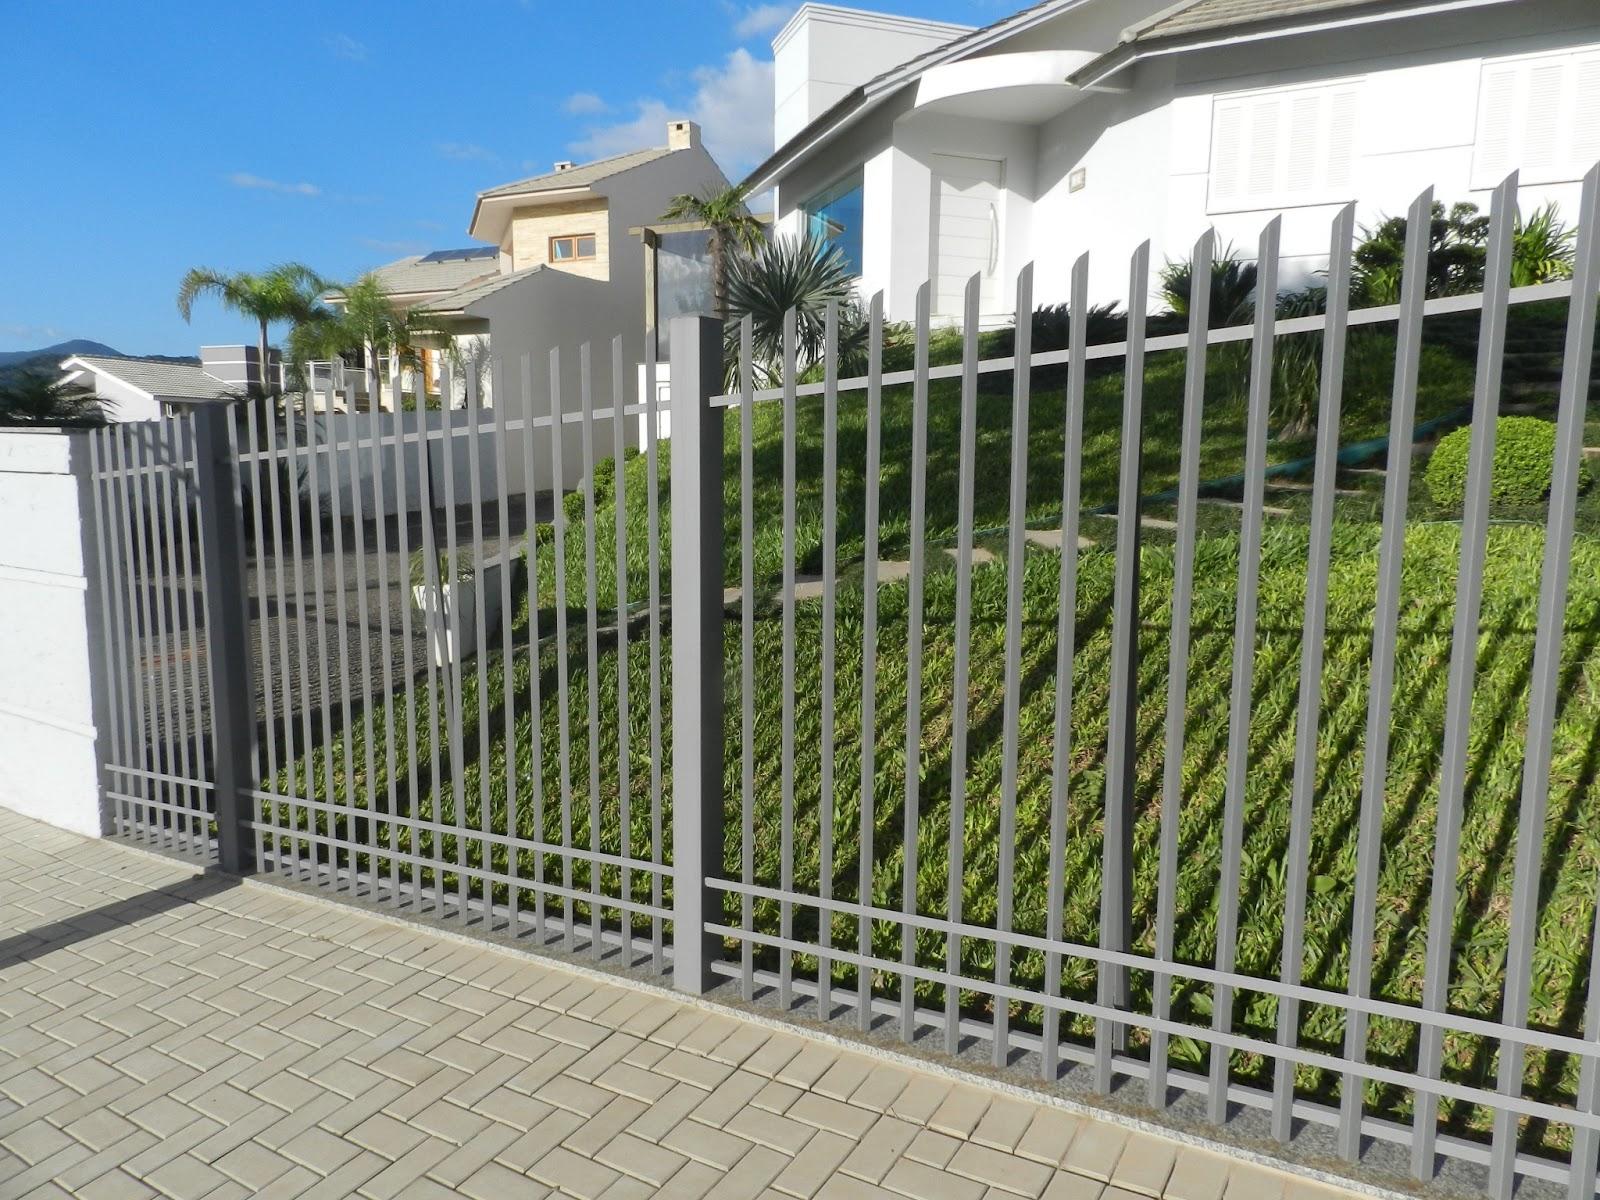 Populares Serralheria Obremet - Esquadrias de Alumínio, Estruturas Metálicas  NE93